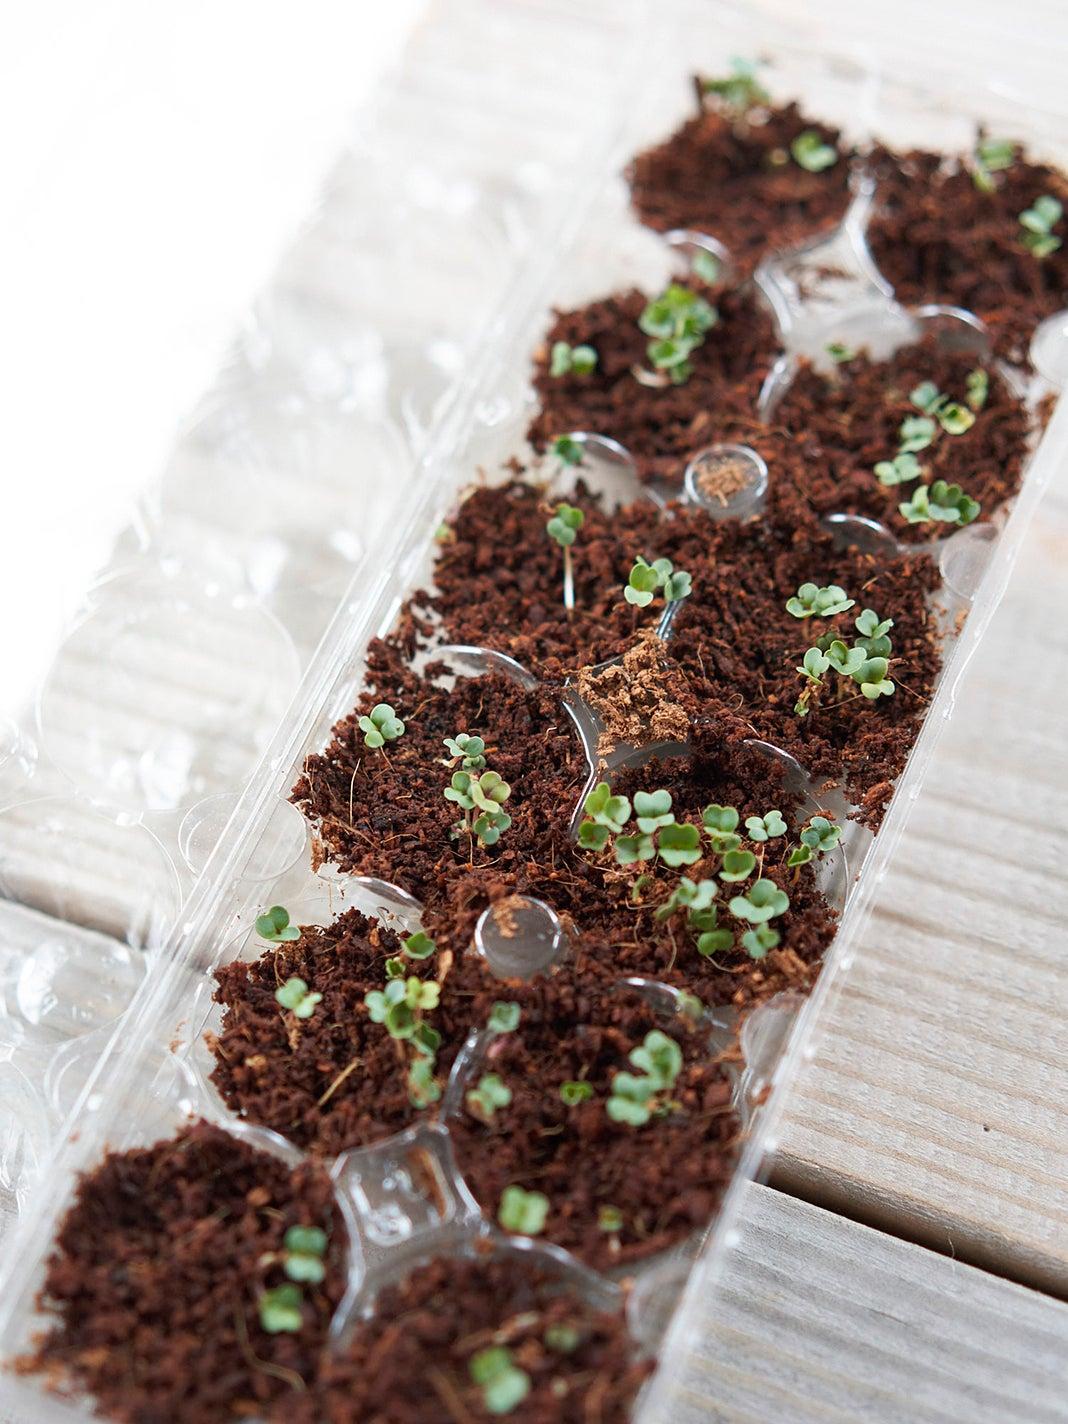 Seedlings in egg carton